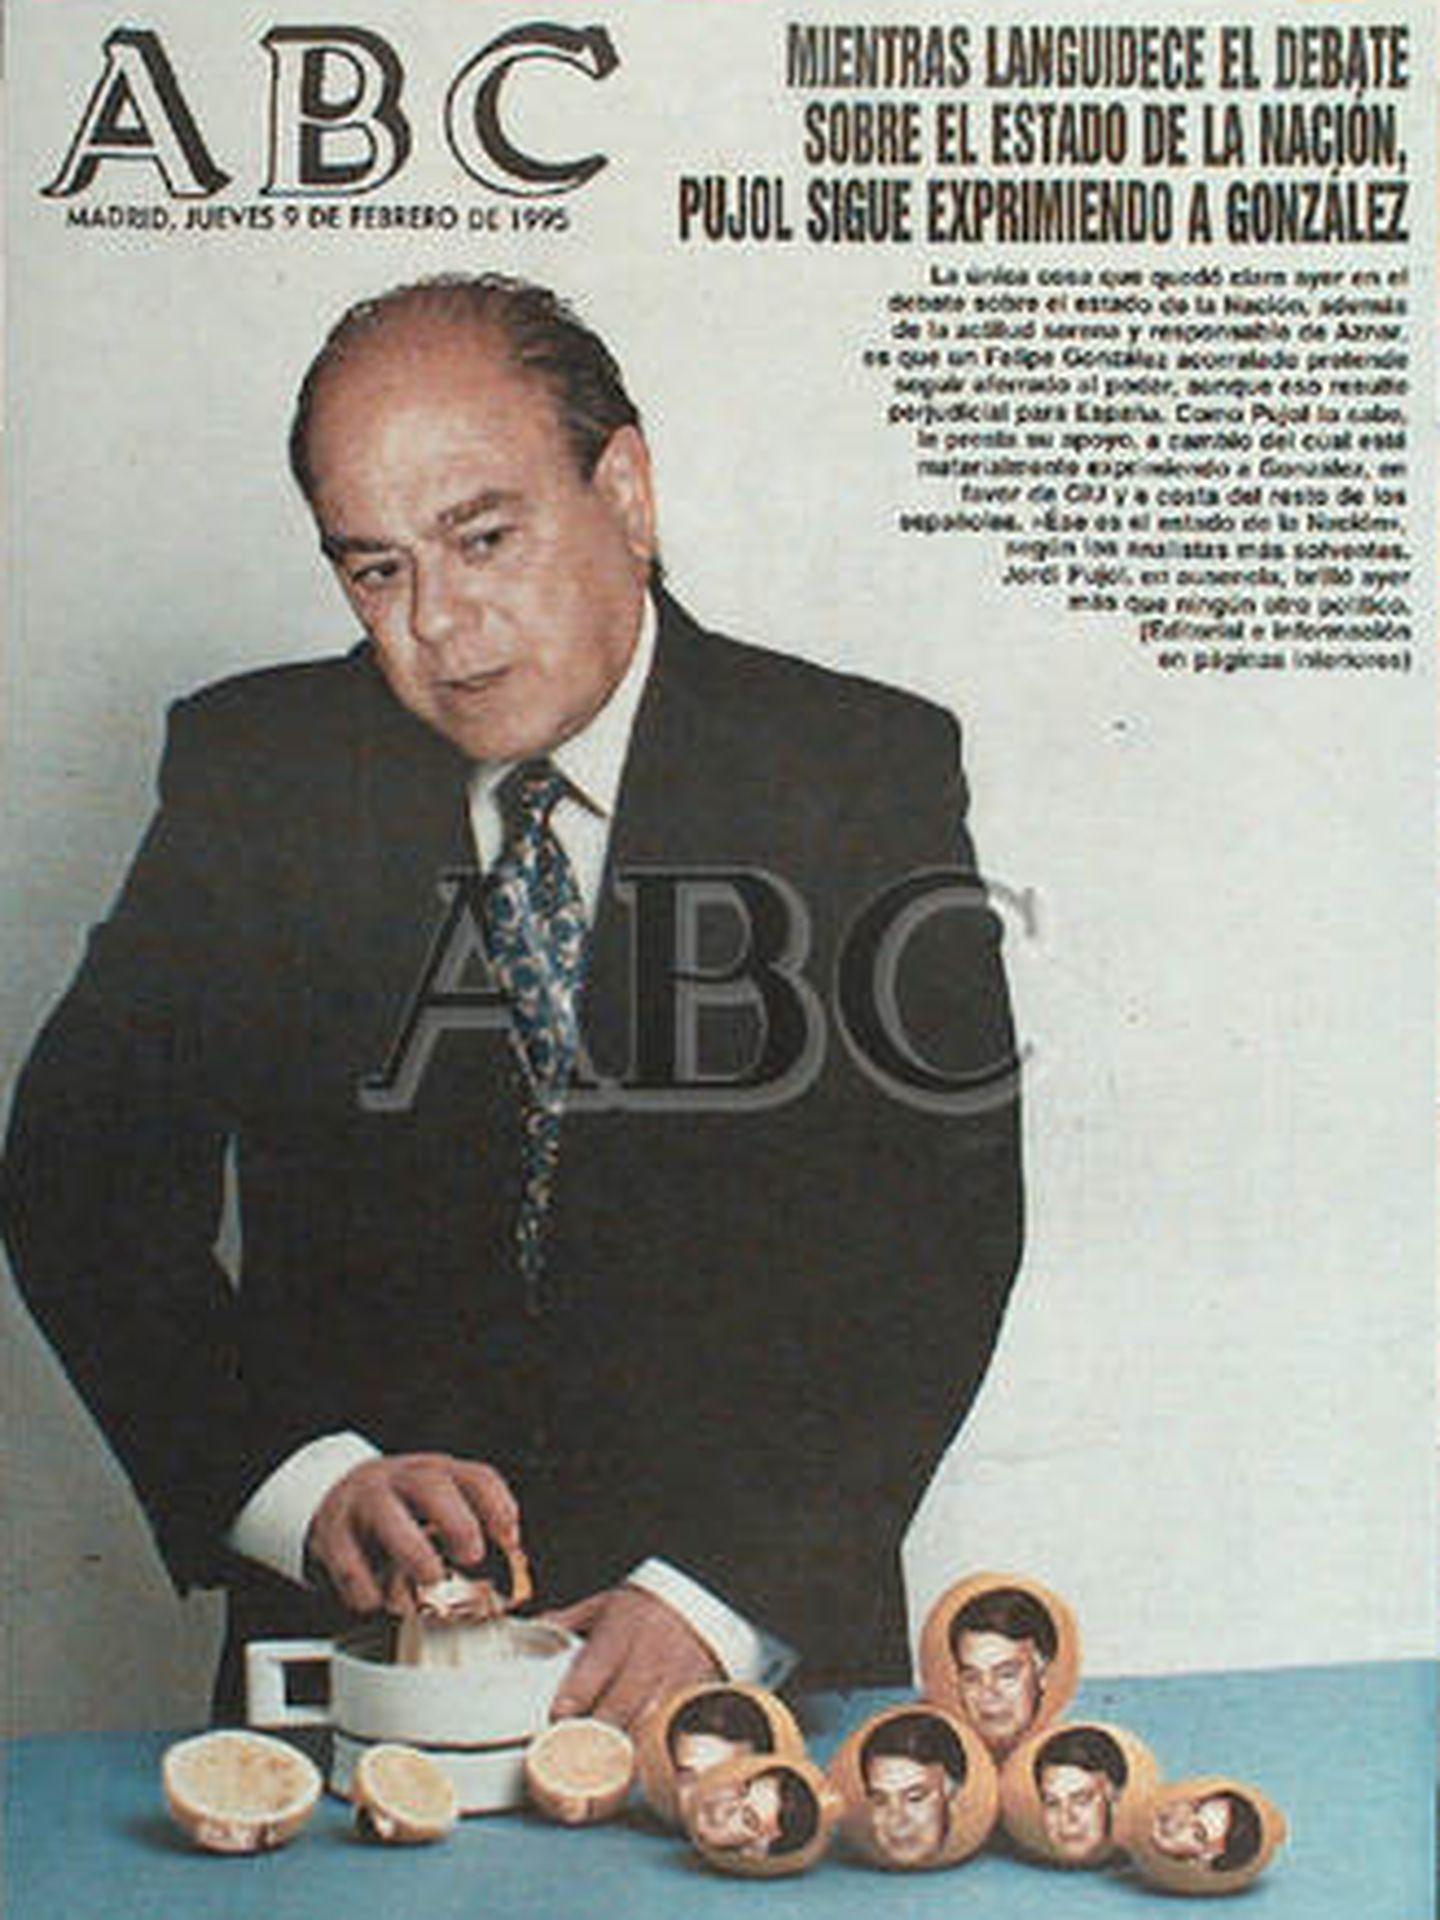 Portada histórica de Anson: Pujol haciendo un zumito.